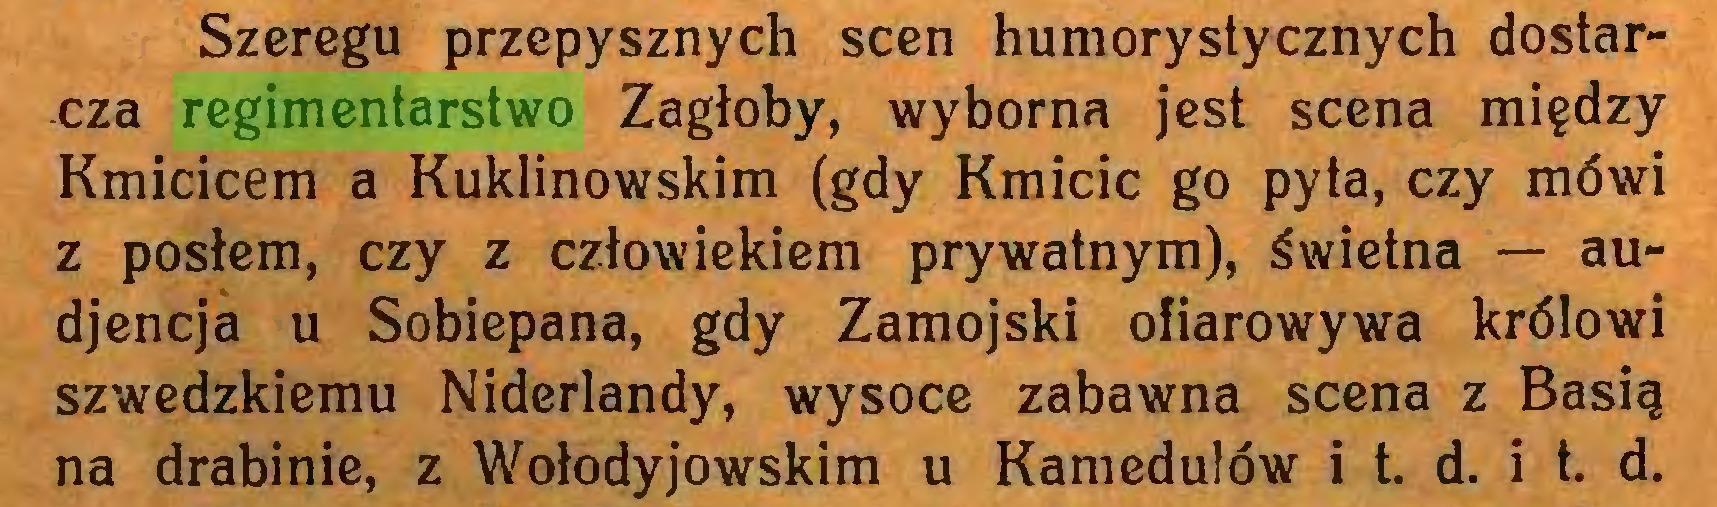 (...) Szeregu przepysznych scen humorystycznych dostarcza regimentarstwo Zagłoby, wyborna jest scena między Kmicicem a Kuklinowskim (gdy Kmicic go pyta, czy mówi z posłem, czy z człowiekiem prywatnym), świetna — audjencja u Sobiepana, gdy Zamojski ofiarowywa królowi szwedzkiemu Niderlandy, wysoce zabawna scena z Basią na drabinie, z Wołodyjowskim u Kamedulów i t. d. i t. d...